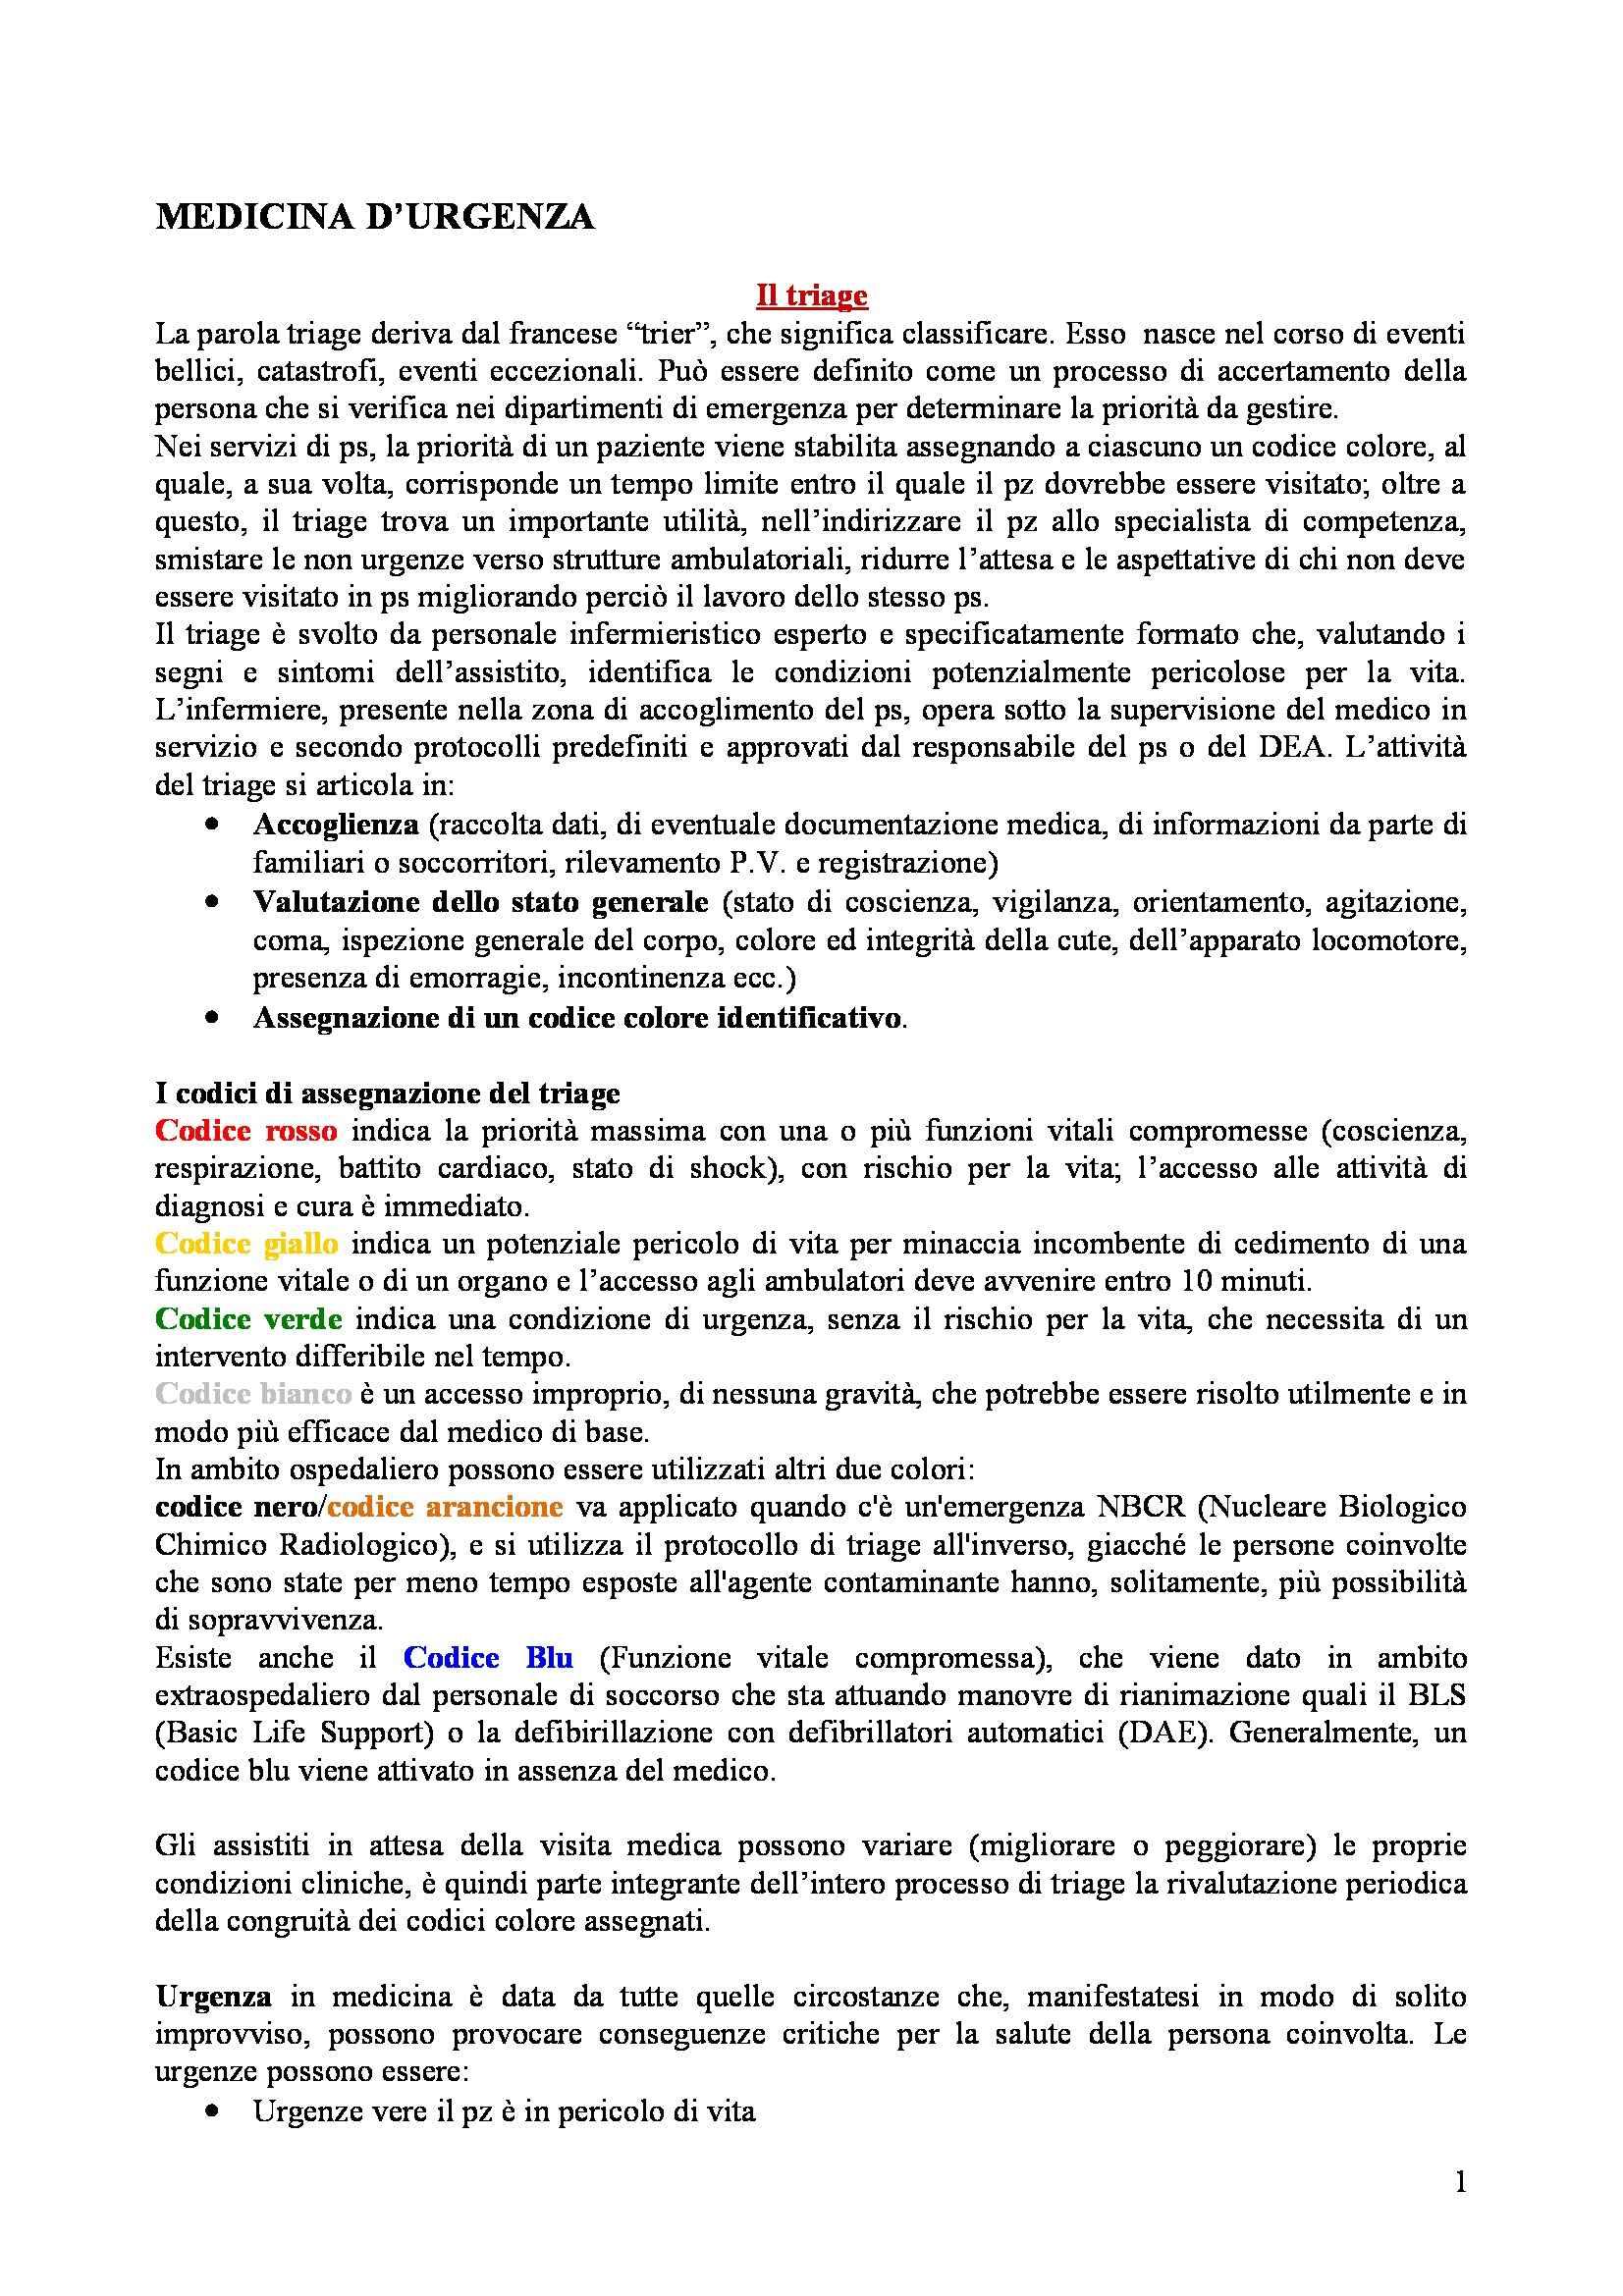 Infermieristica - Medicina d'urgenza CLA